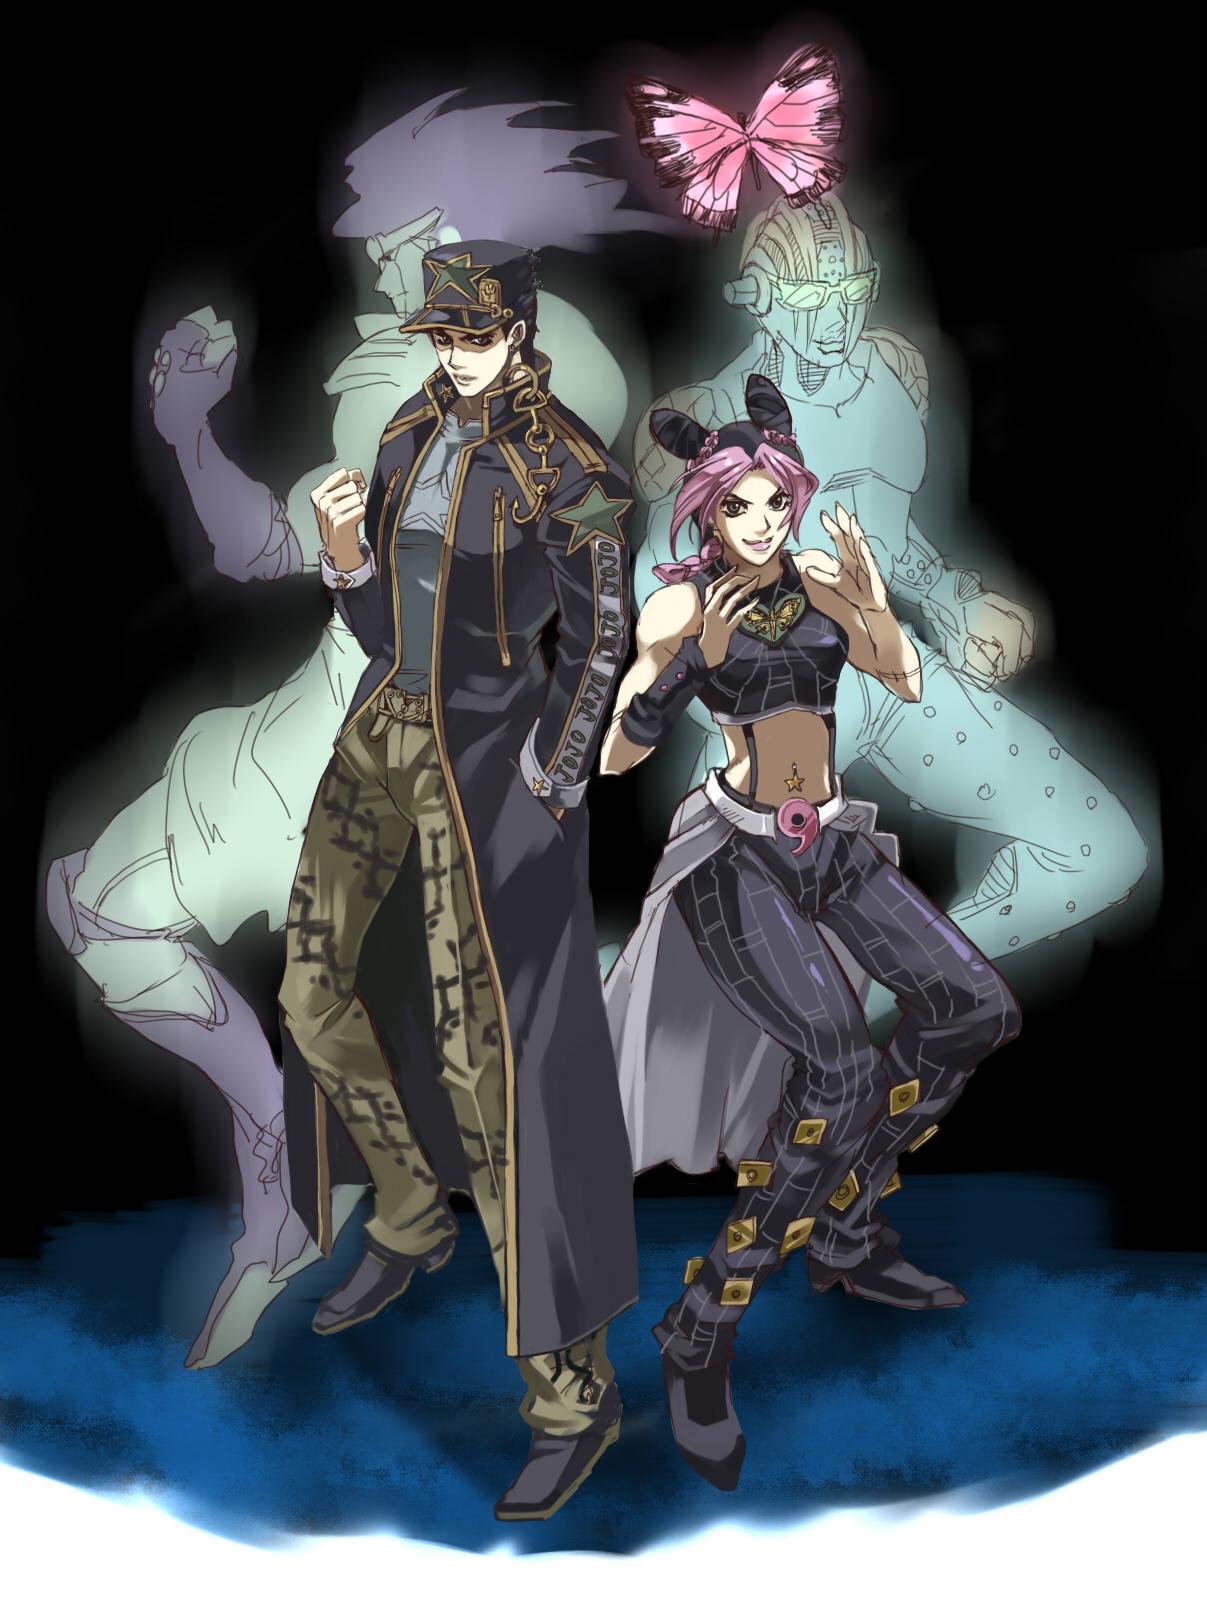 Stone Free Stone Ocean Zerochan Anime Image Board